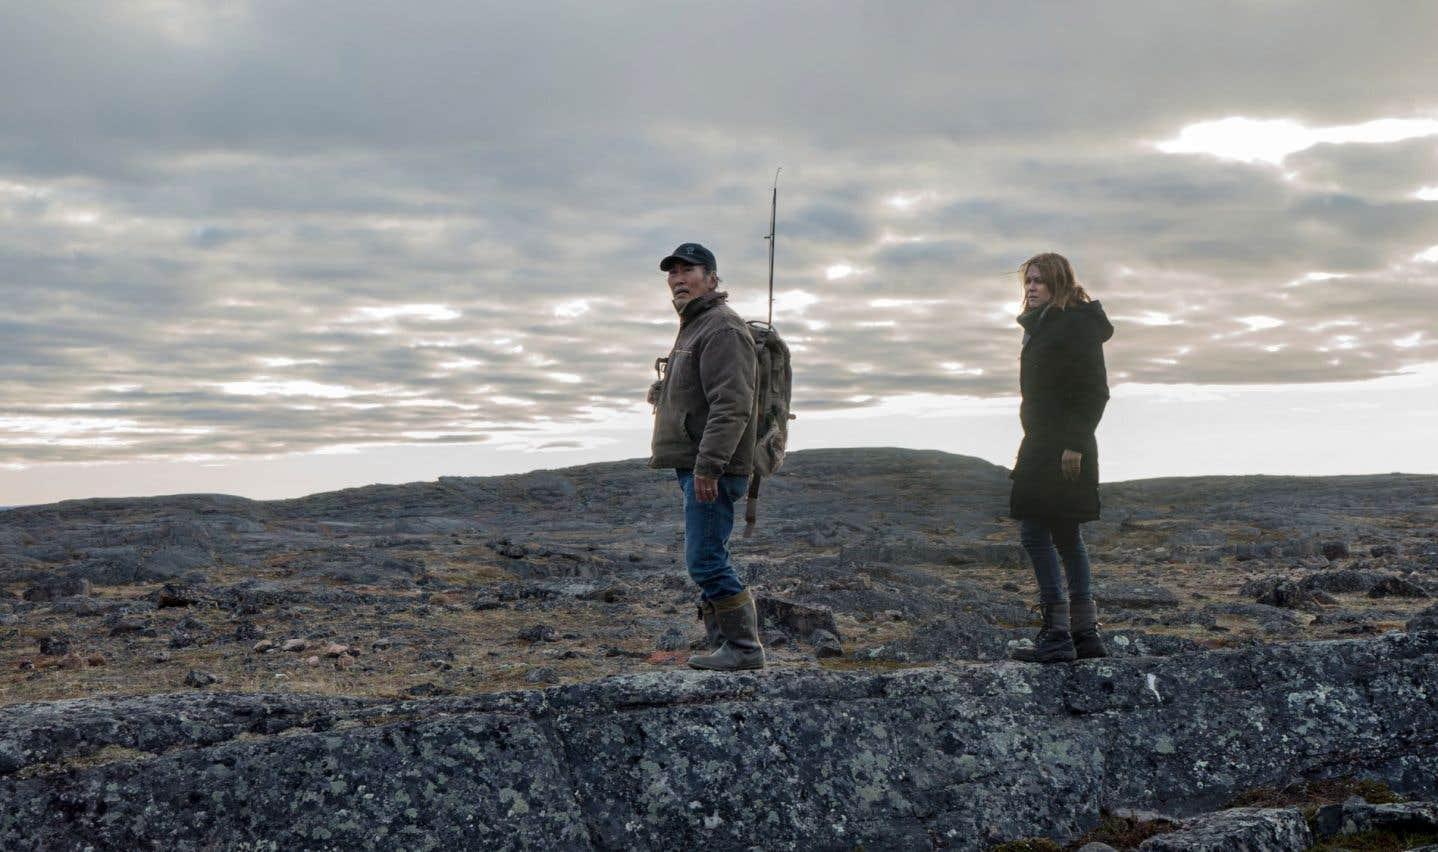 Pas d'exotisme de pacotille pendant l'escapade qui se trouve au cœur du film de Benoît Pilon.